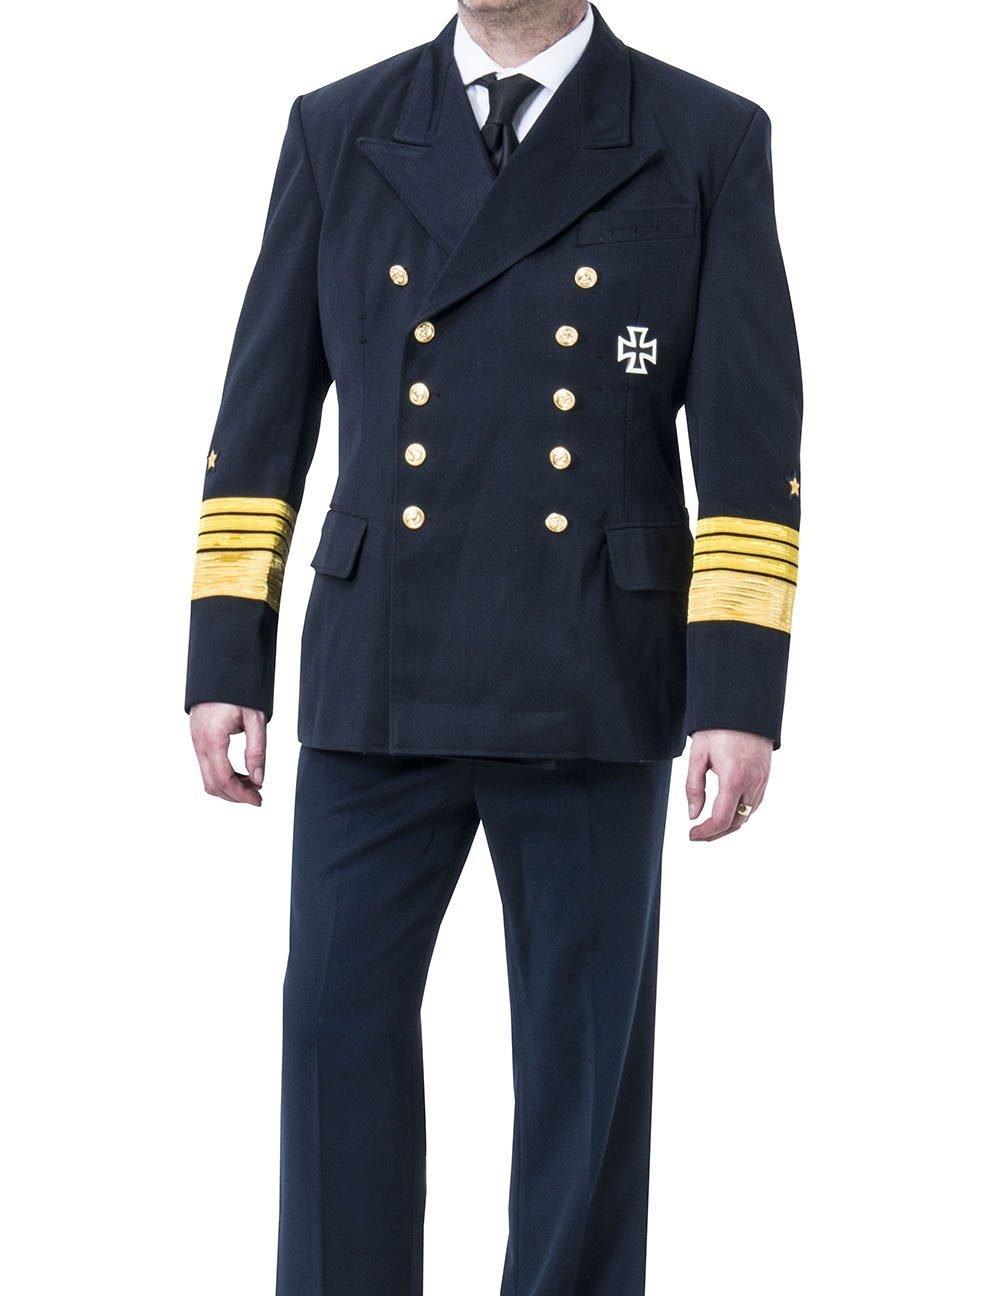 WW2 German Kriegsmarine Admirals uniform